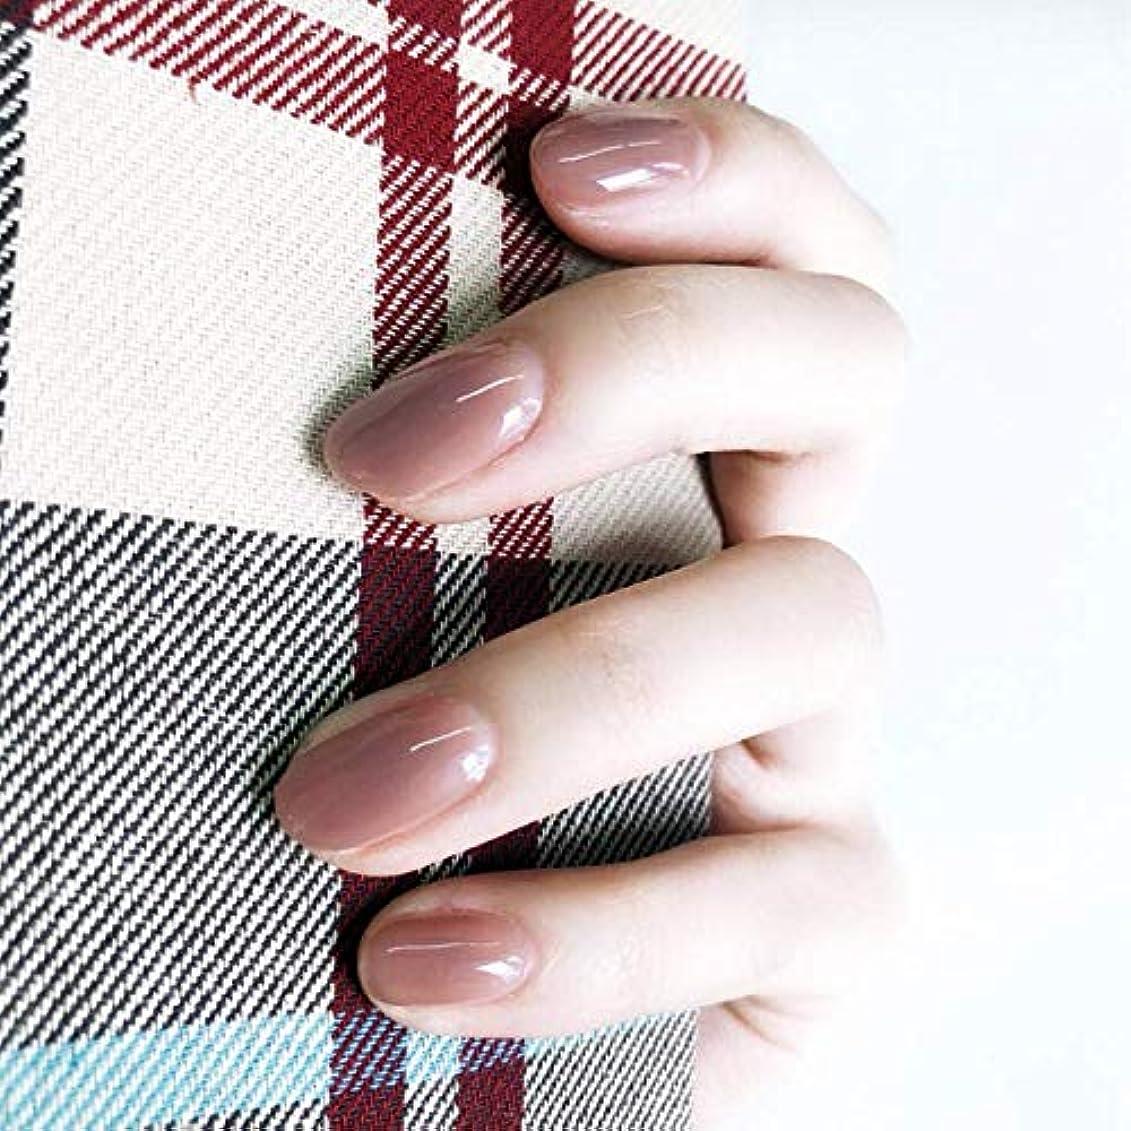 拮抗まつげクリケット24枚入 無地ネイルチップ 可愛い優雅ネイル ins流行する ゼリーネイルチップ 多色オプション 結婚式、パーティー、二次会など 入学式 入園式 ネイルジュエリー つけ爪 (グレーピンク)